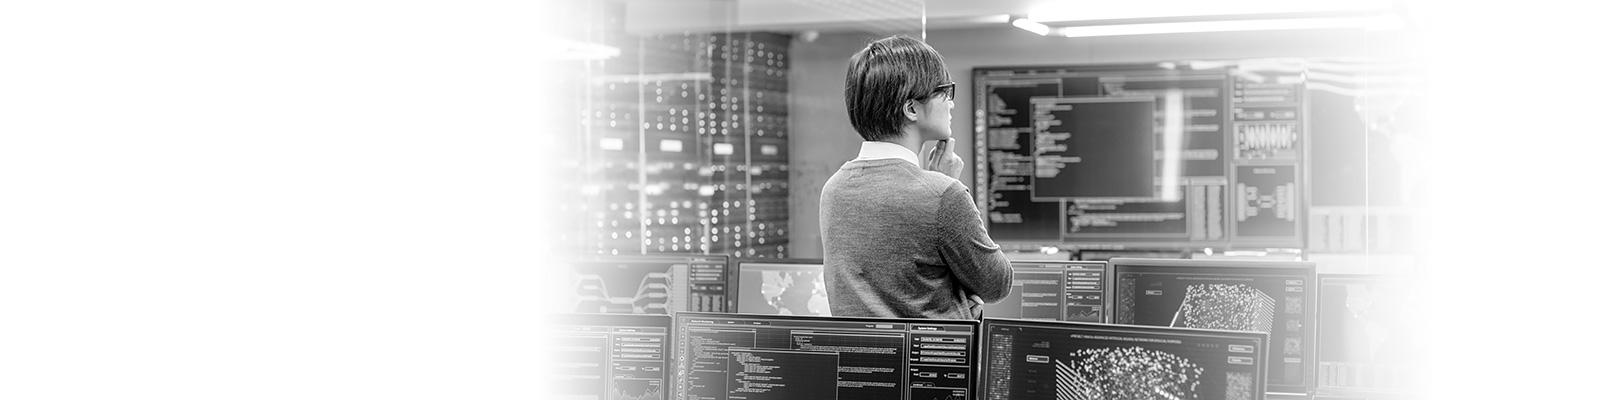 システム 管理者 コンピューティング イメージ